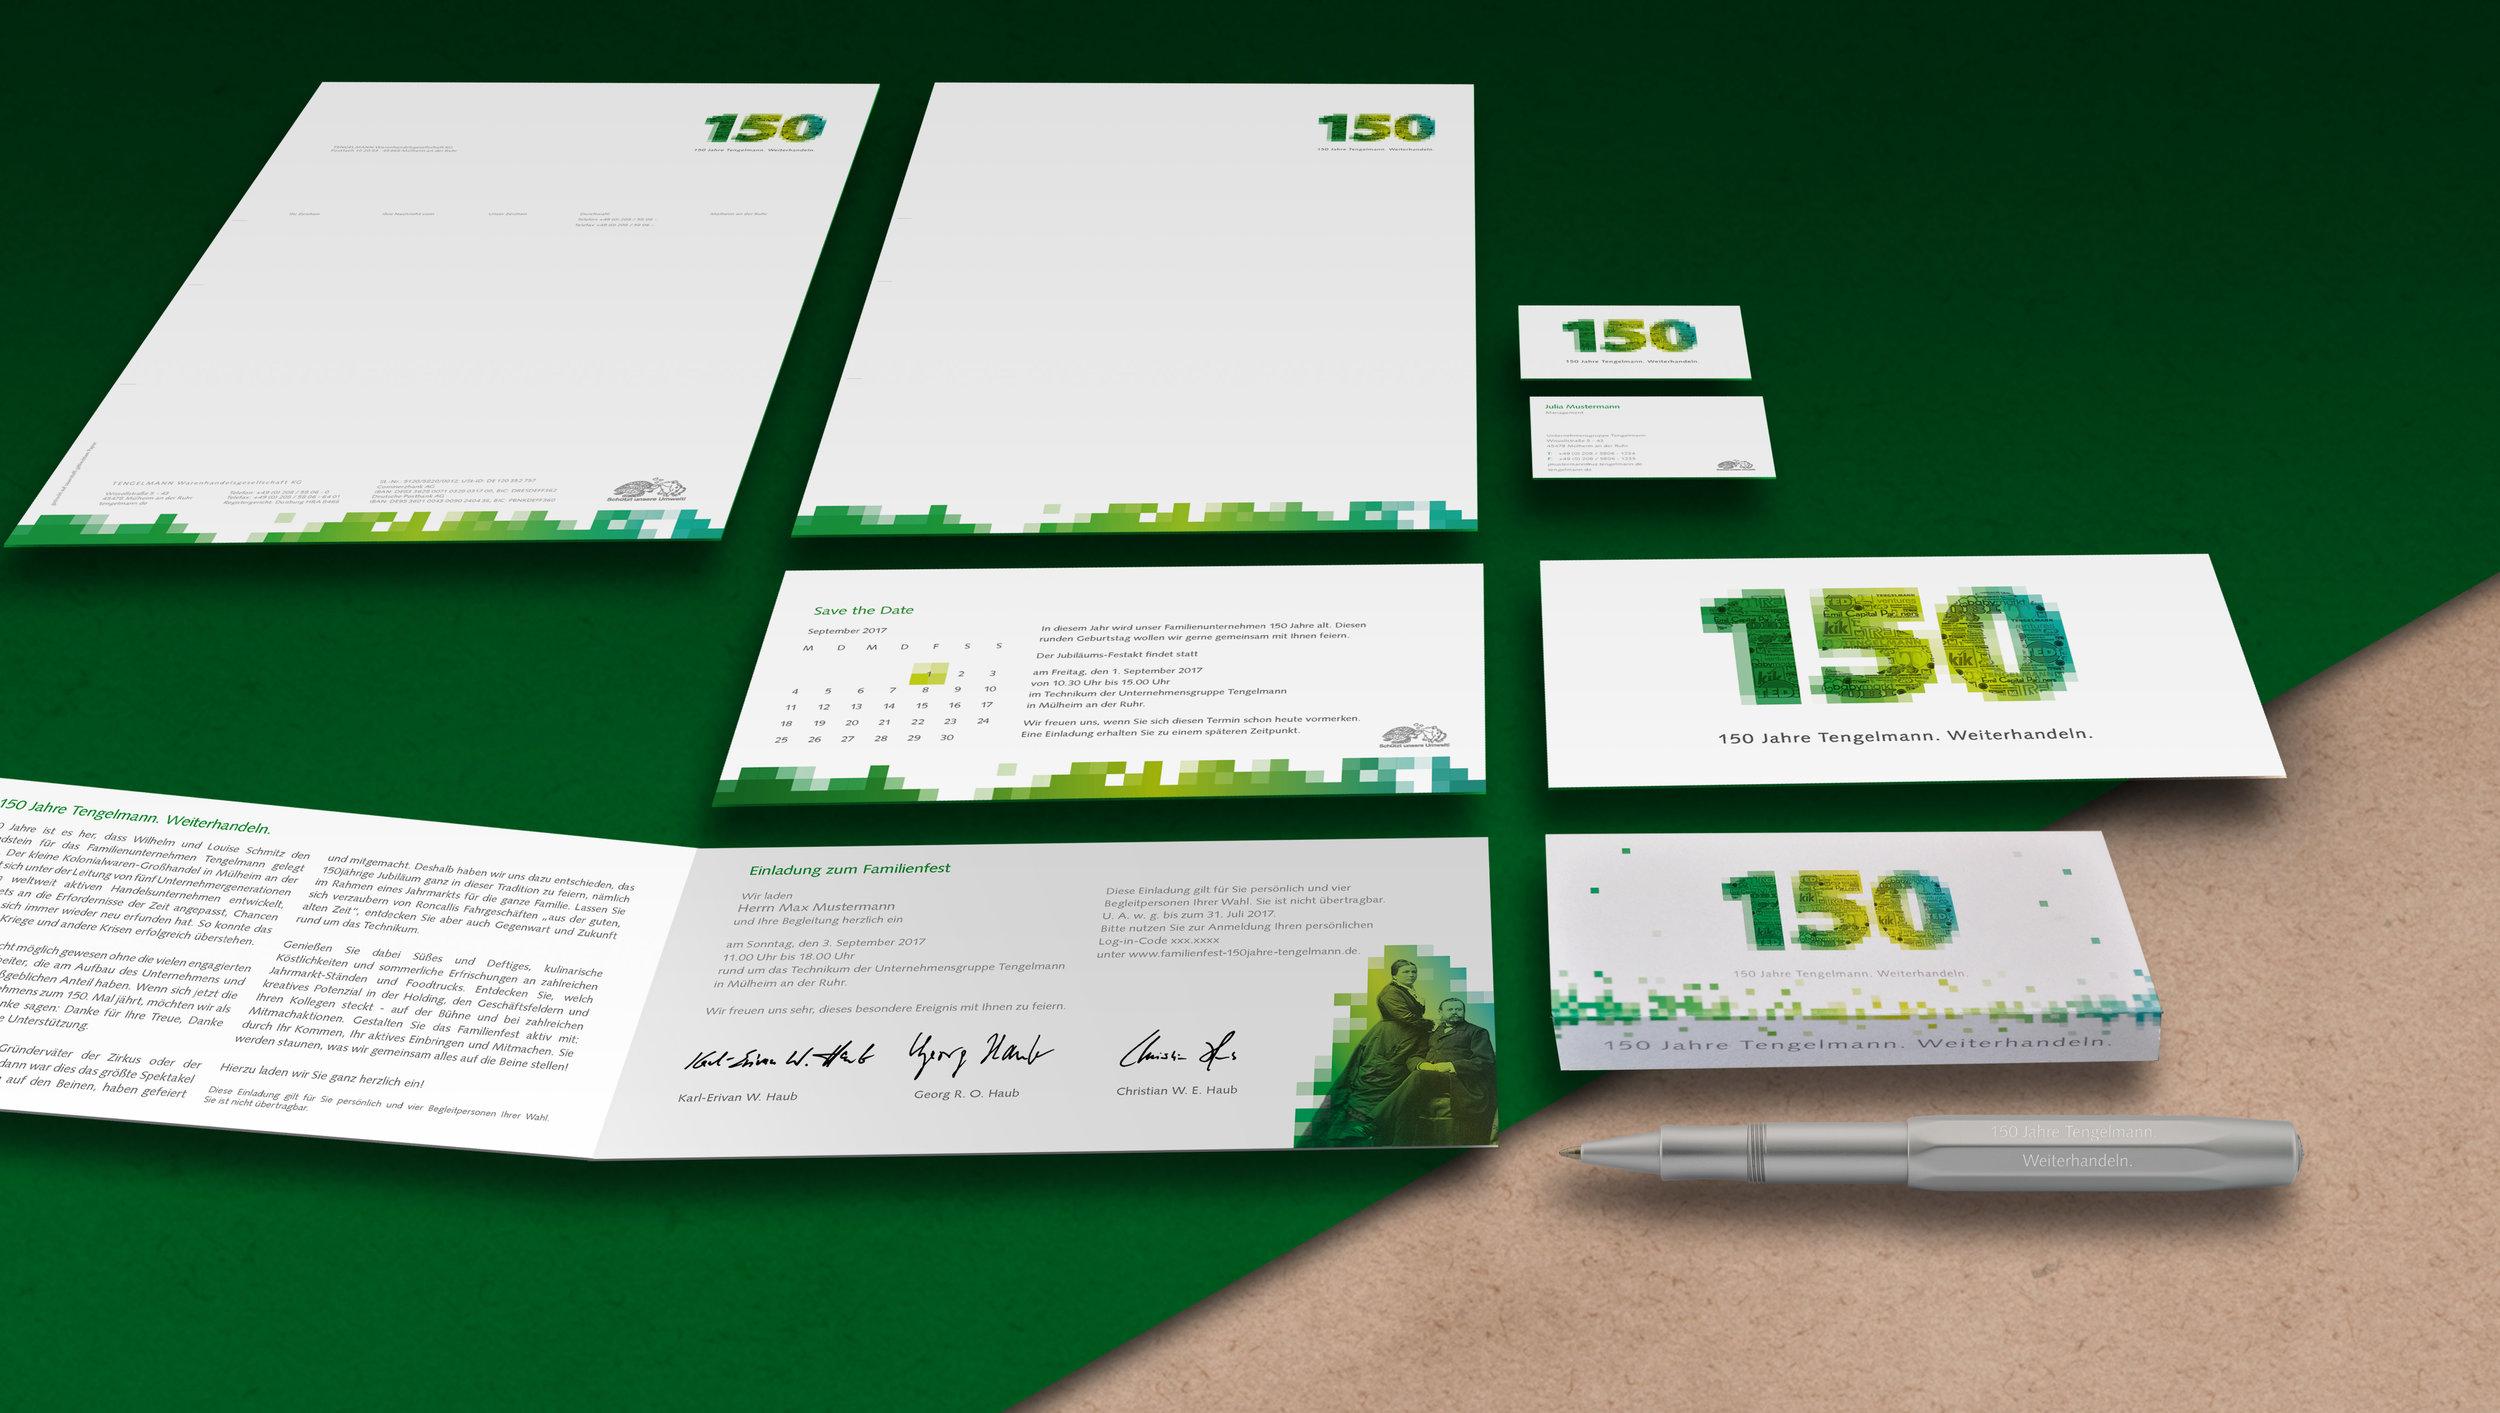 Corporate Design 150 Jahre Tengelmann.jpg